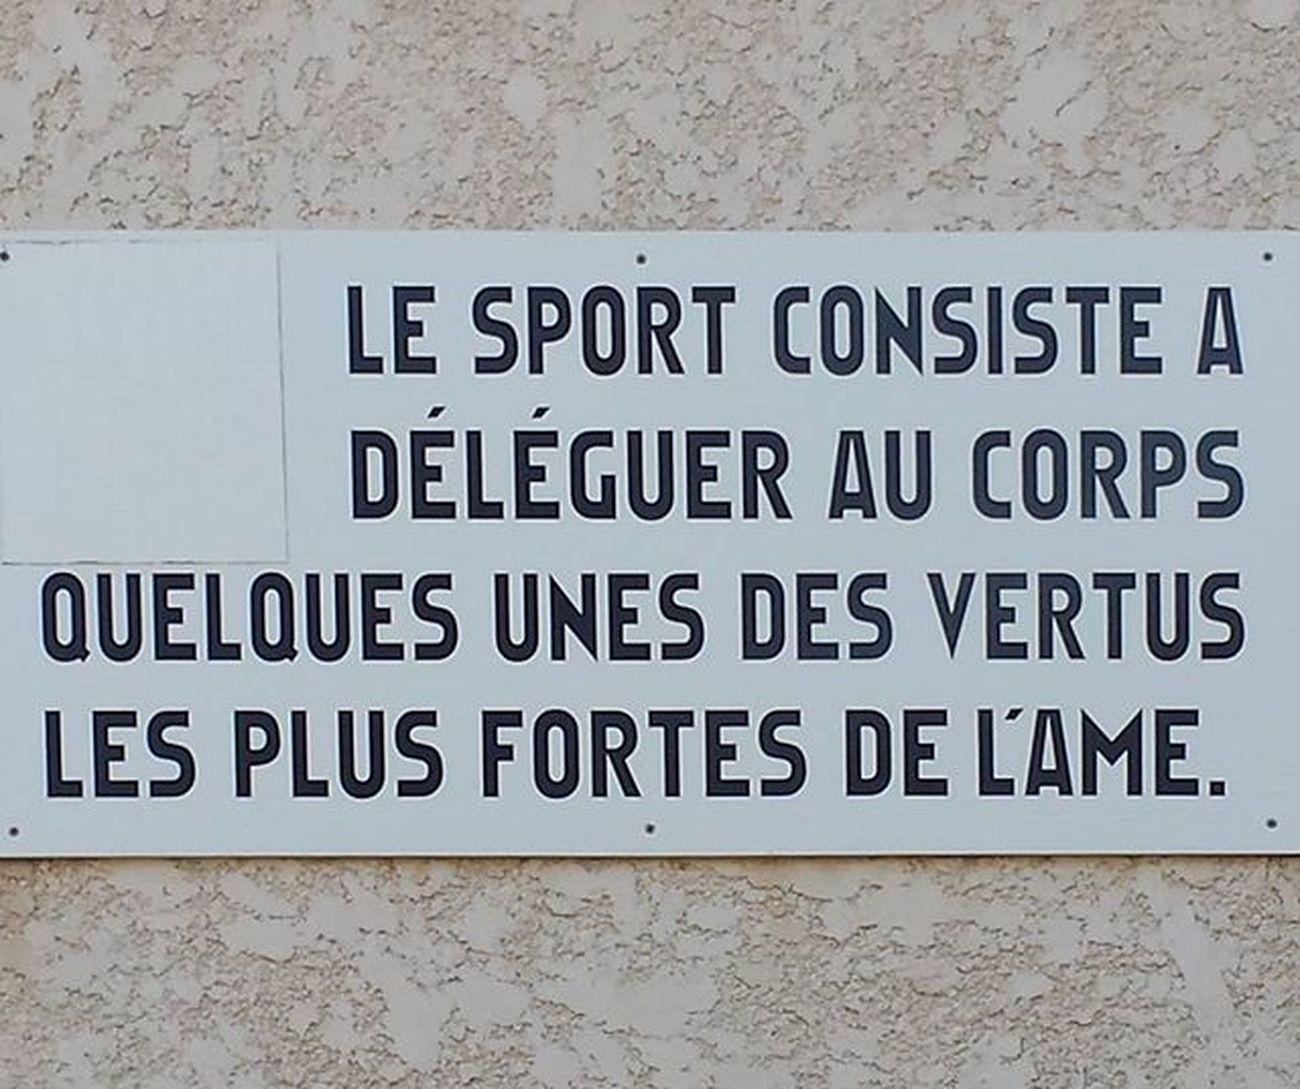 Sensefiltres Nofilters VistAlCarrer Esport Deport QuedaDit ValorsEnJoc